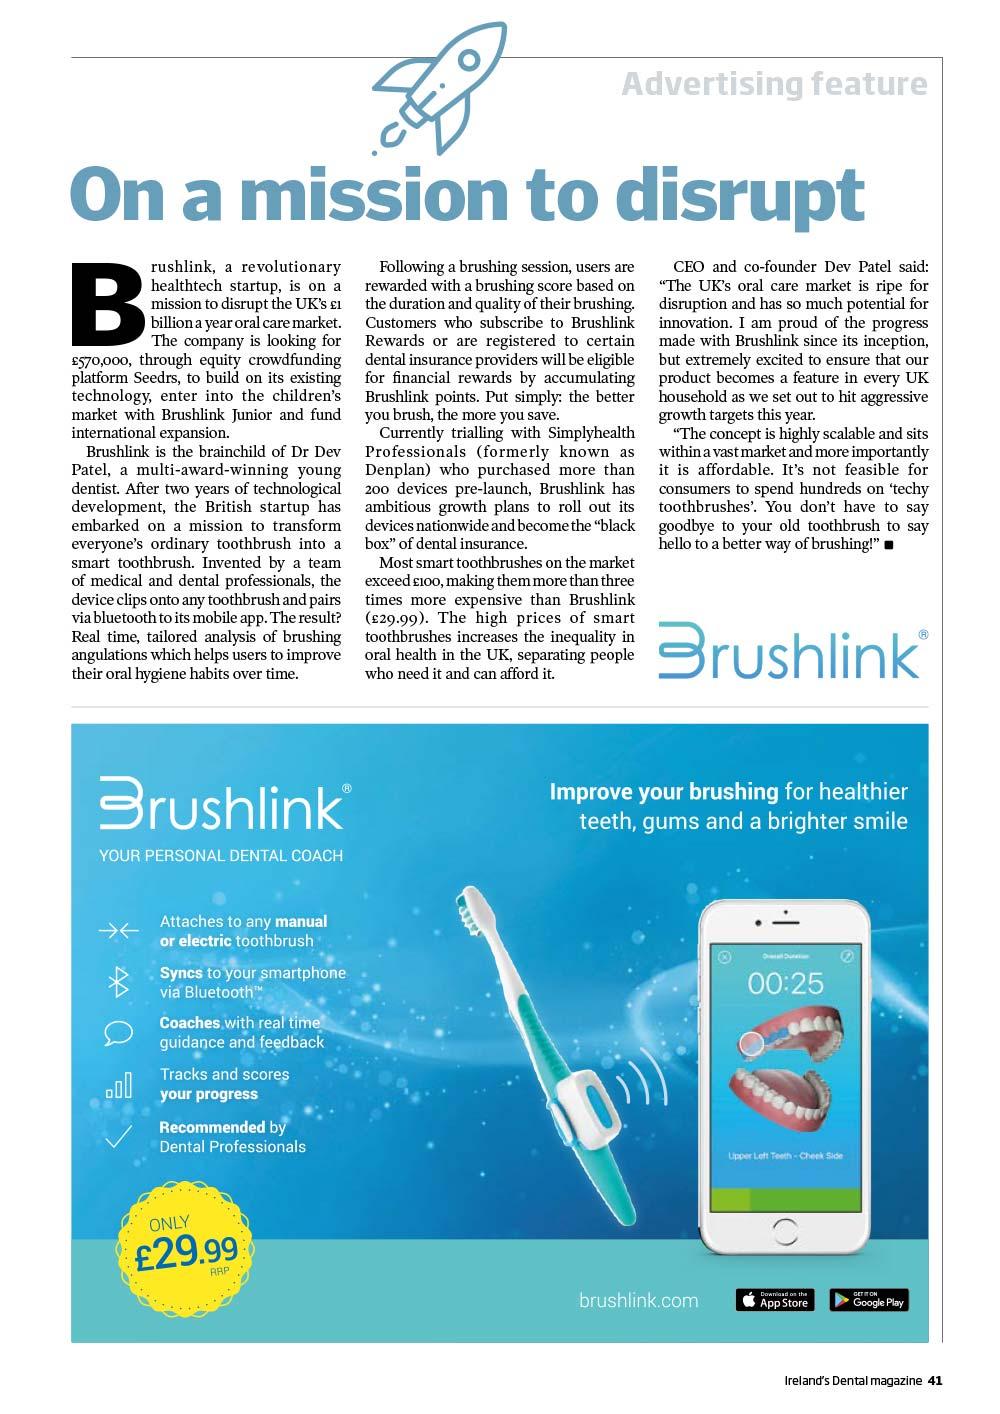 Ireland Dental Magazine Oct Nov 2017 Brushlink